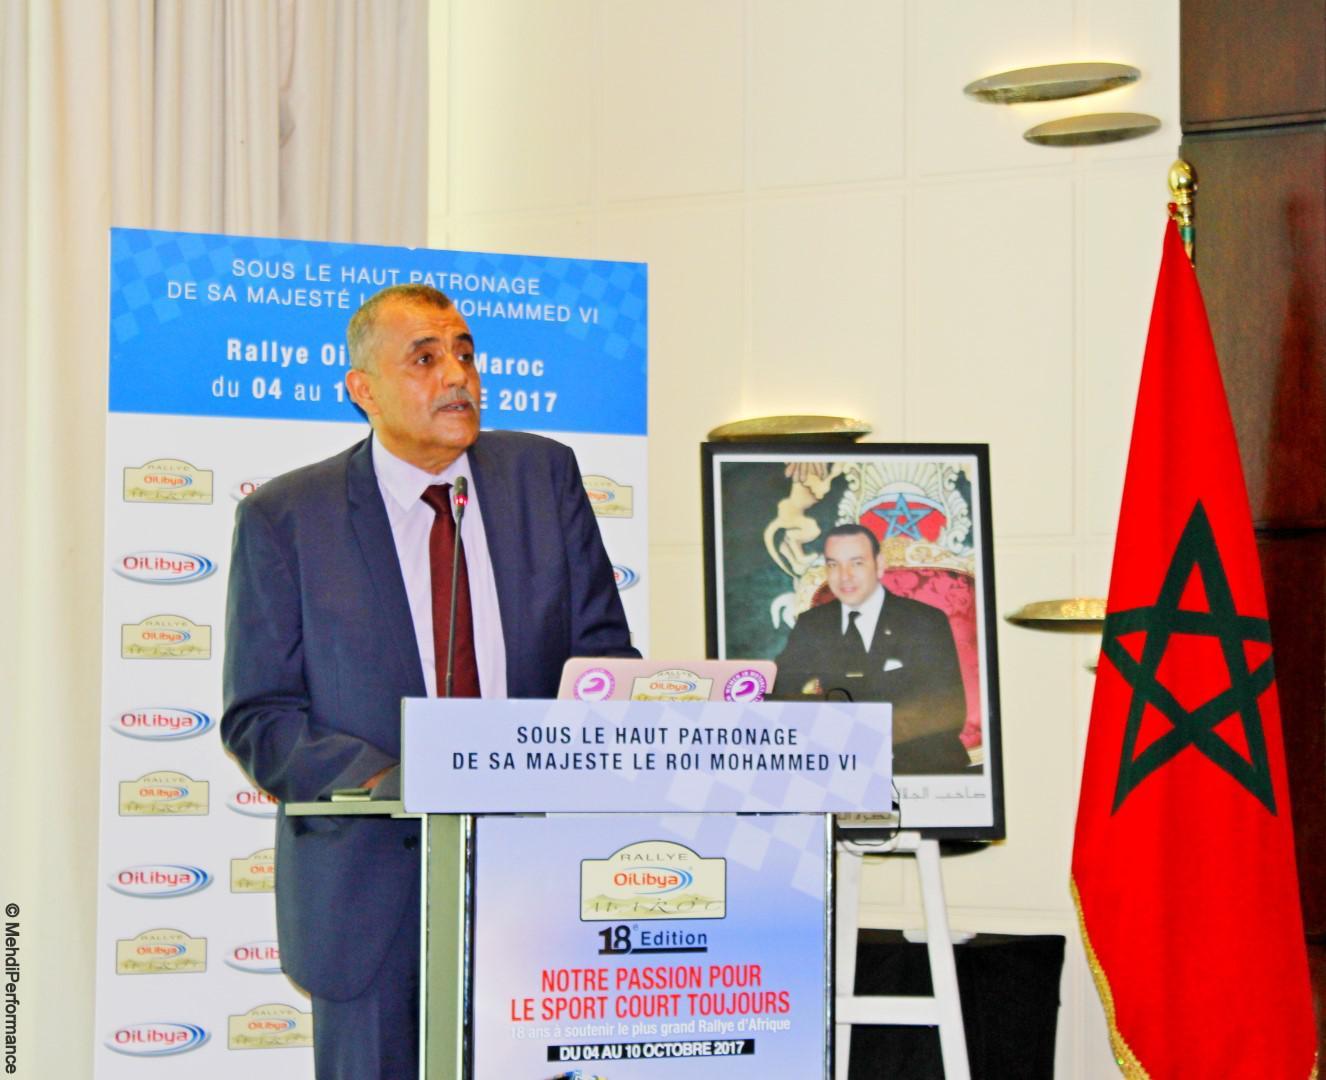 rallye-oilibya-maroc-2017-415-1.jpg